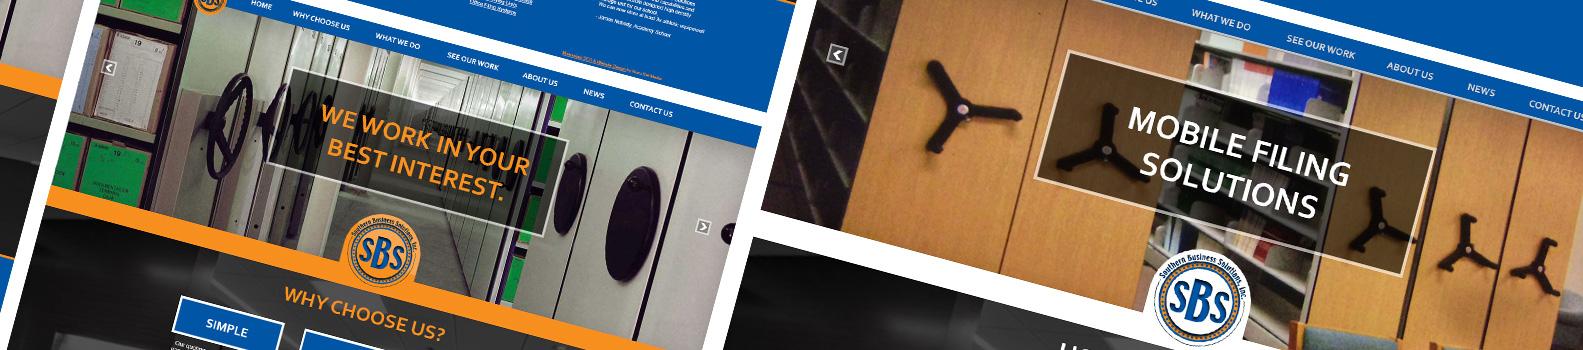 business-website-design-jackson-mississippi